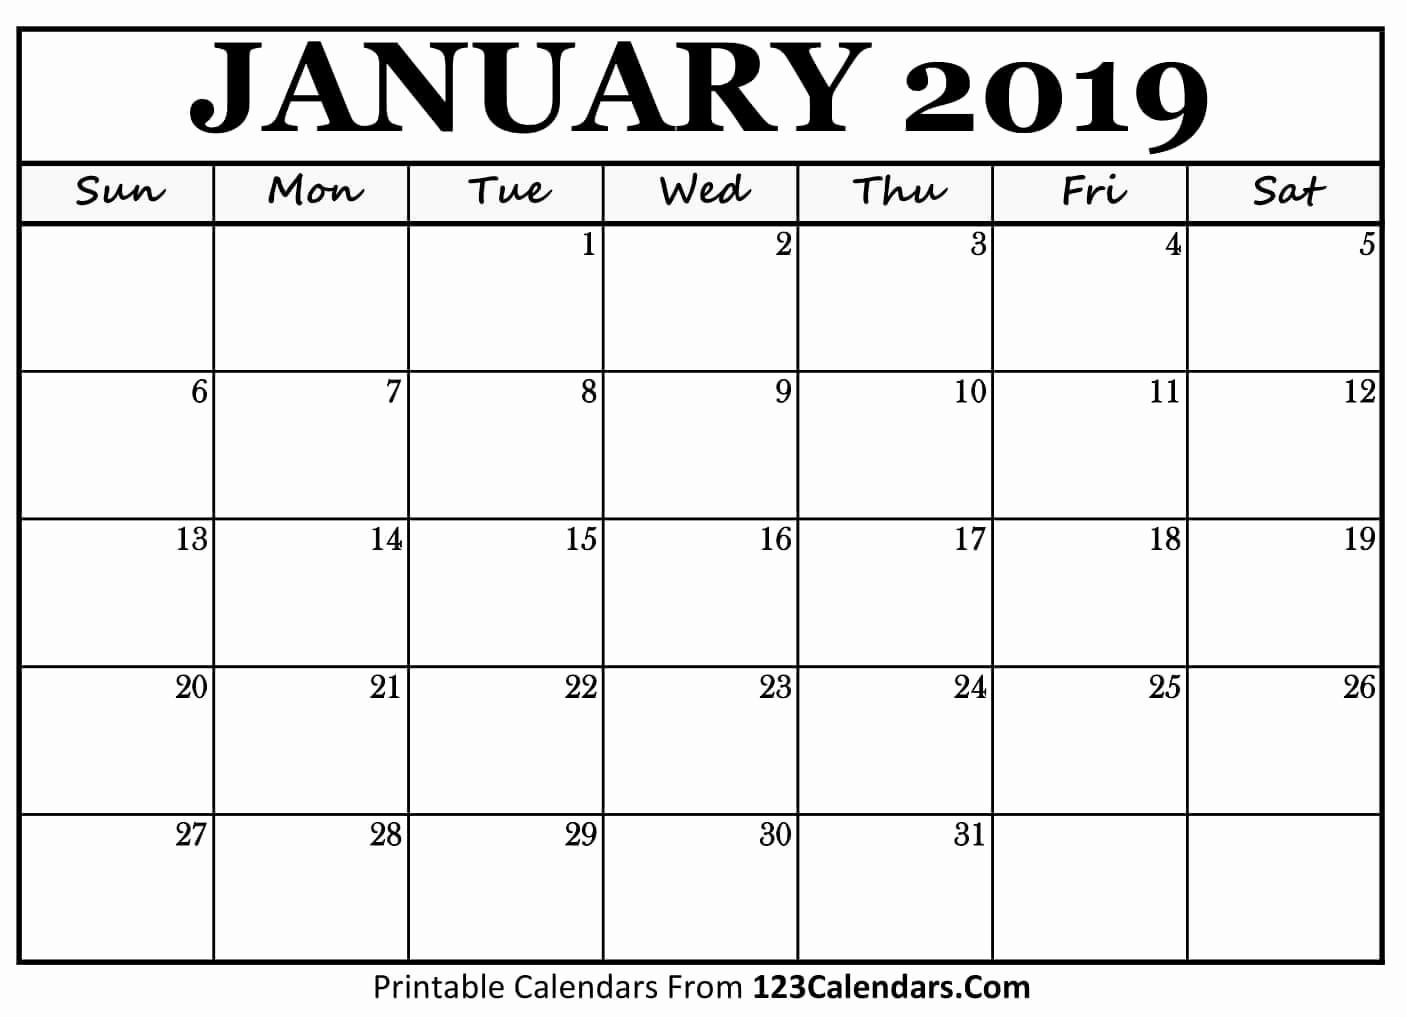 Blank January 2019 Calendar Template Beautiful Printable January 2019 Calendar Templates 123calendars